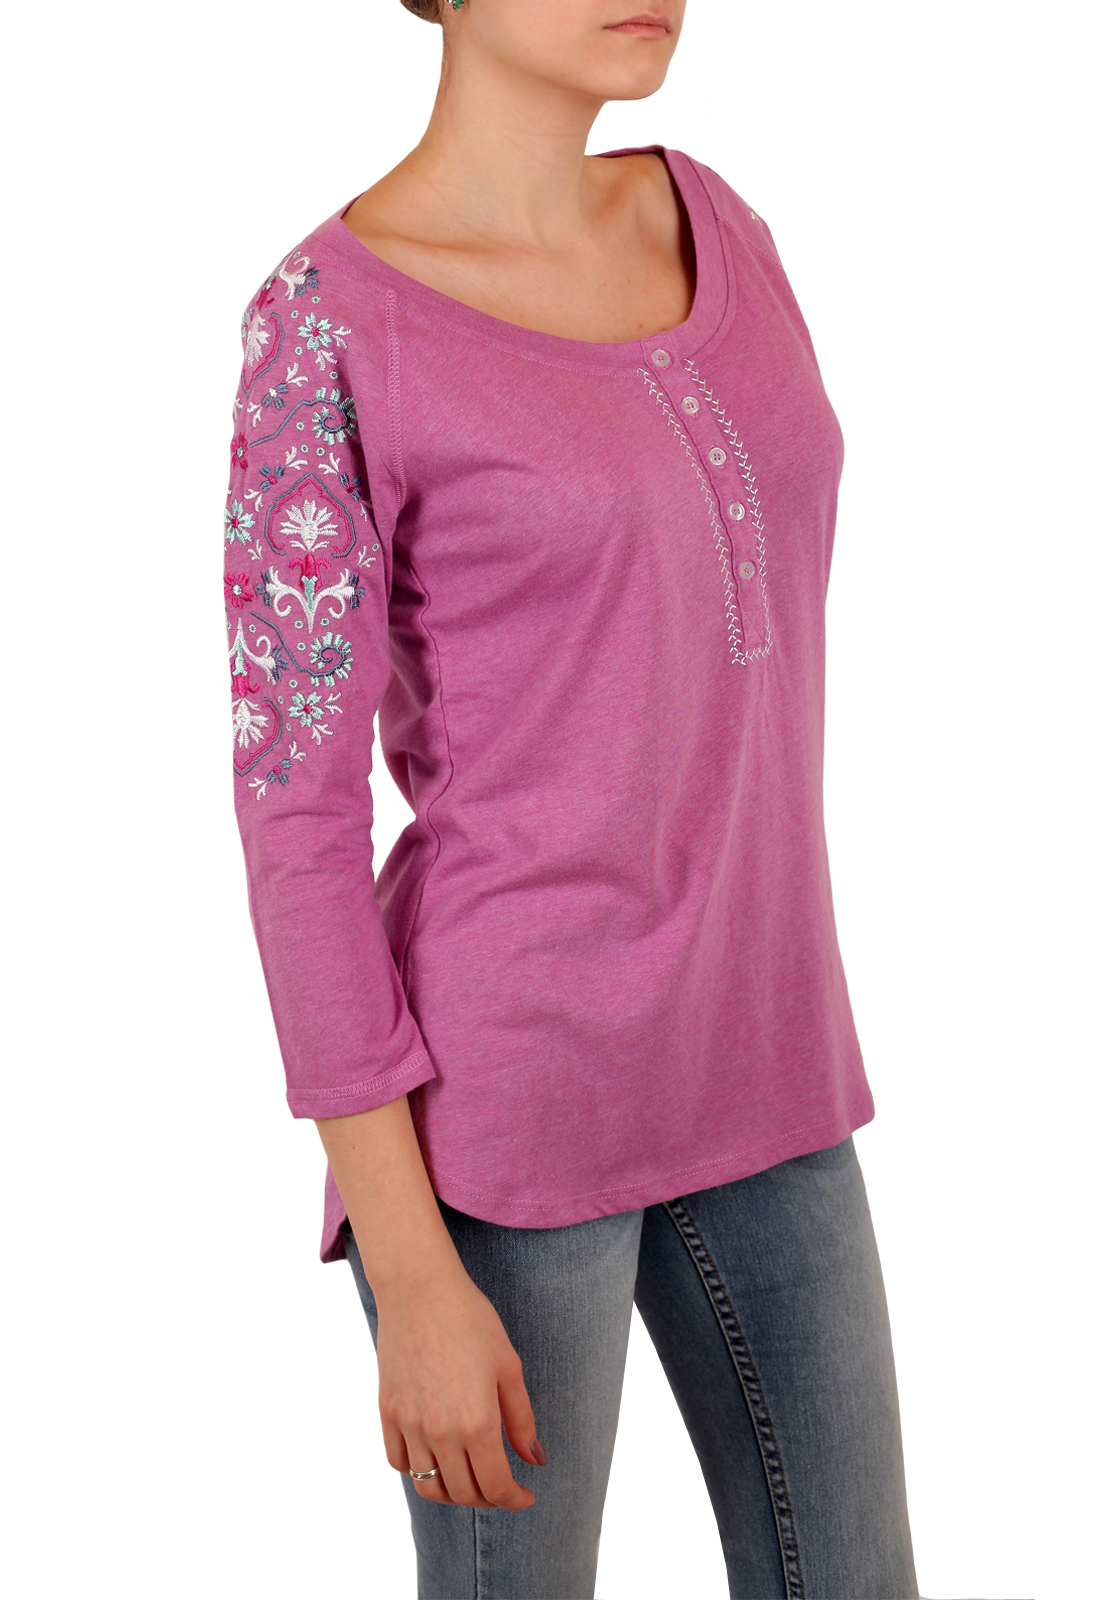 Женская розовая кофточка Panhandle. Оригинальная вышивка на рукавах, удлиненная спинка, приятная ткань и цена